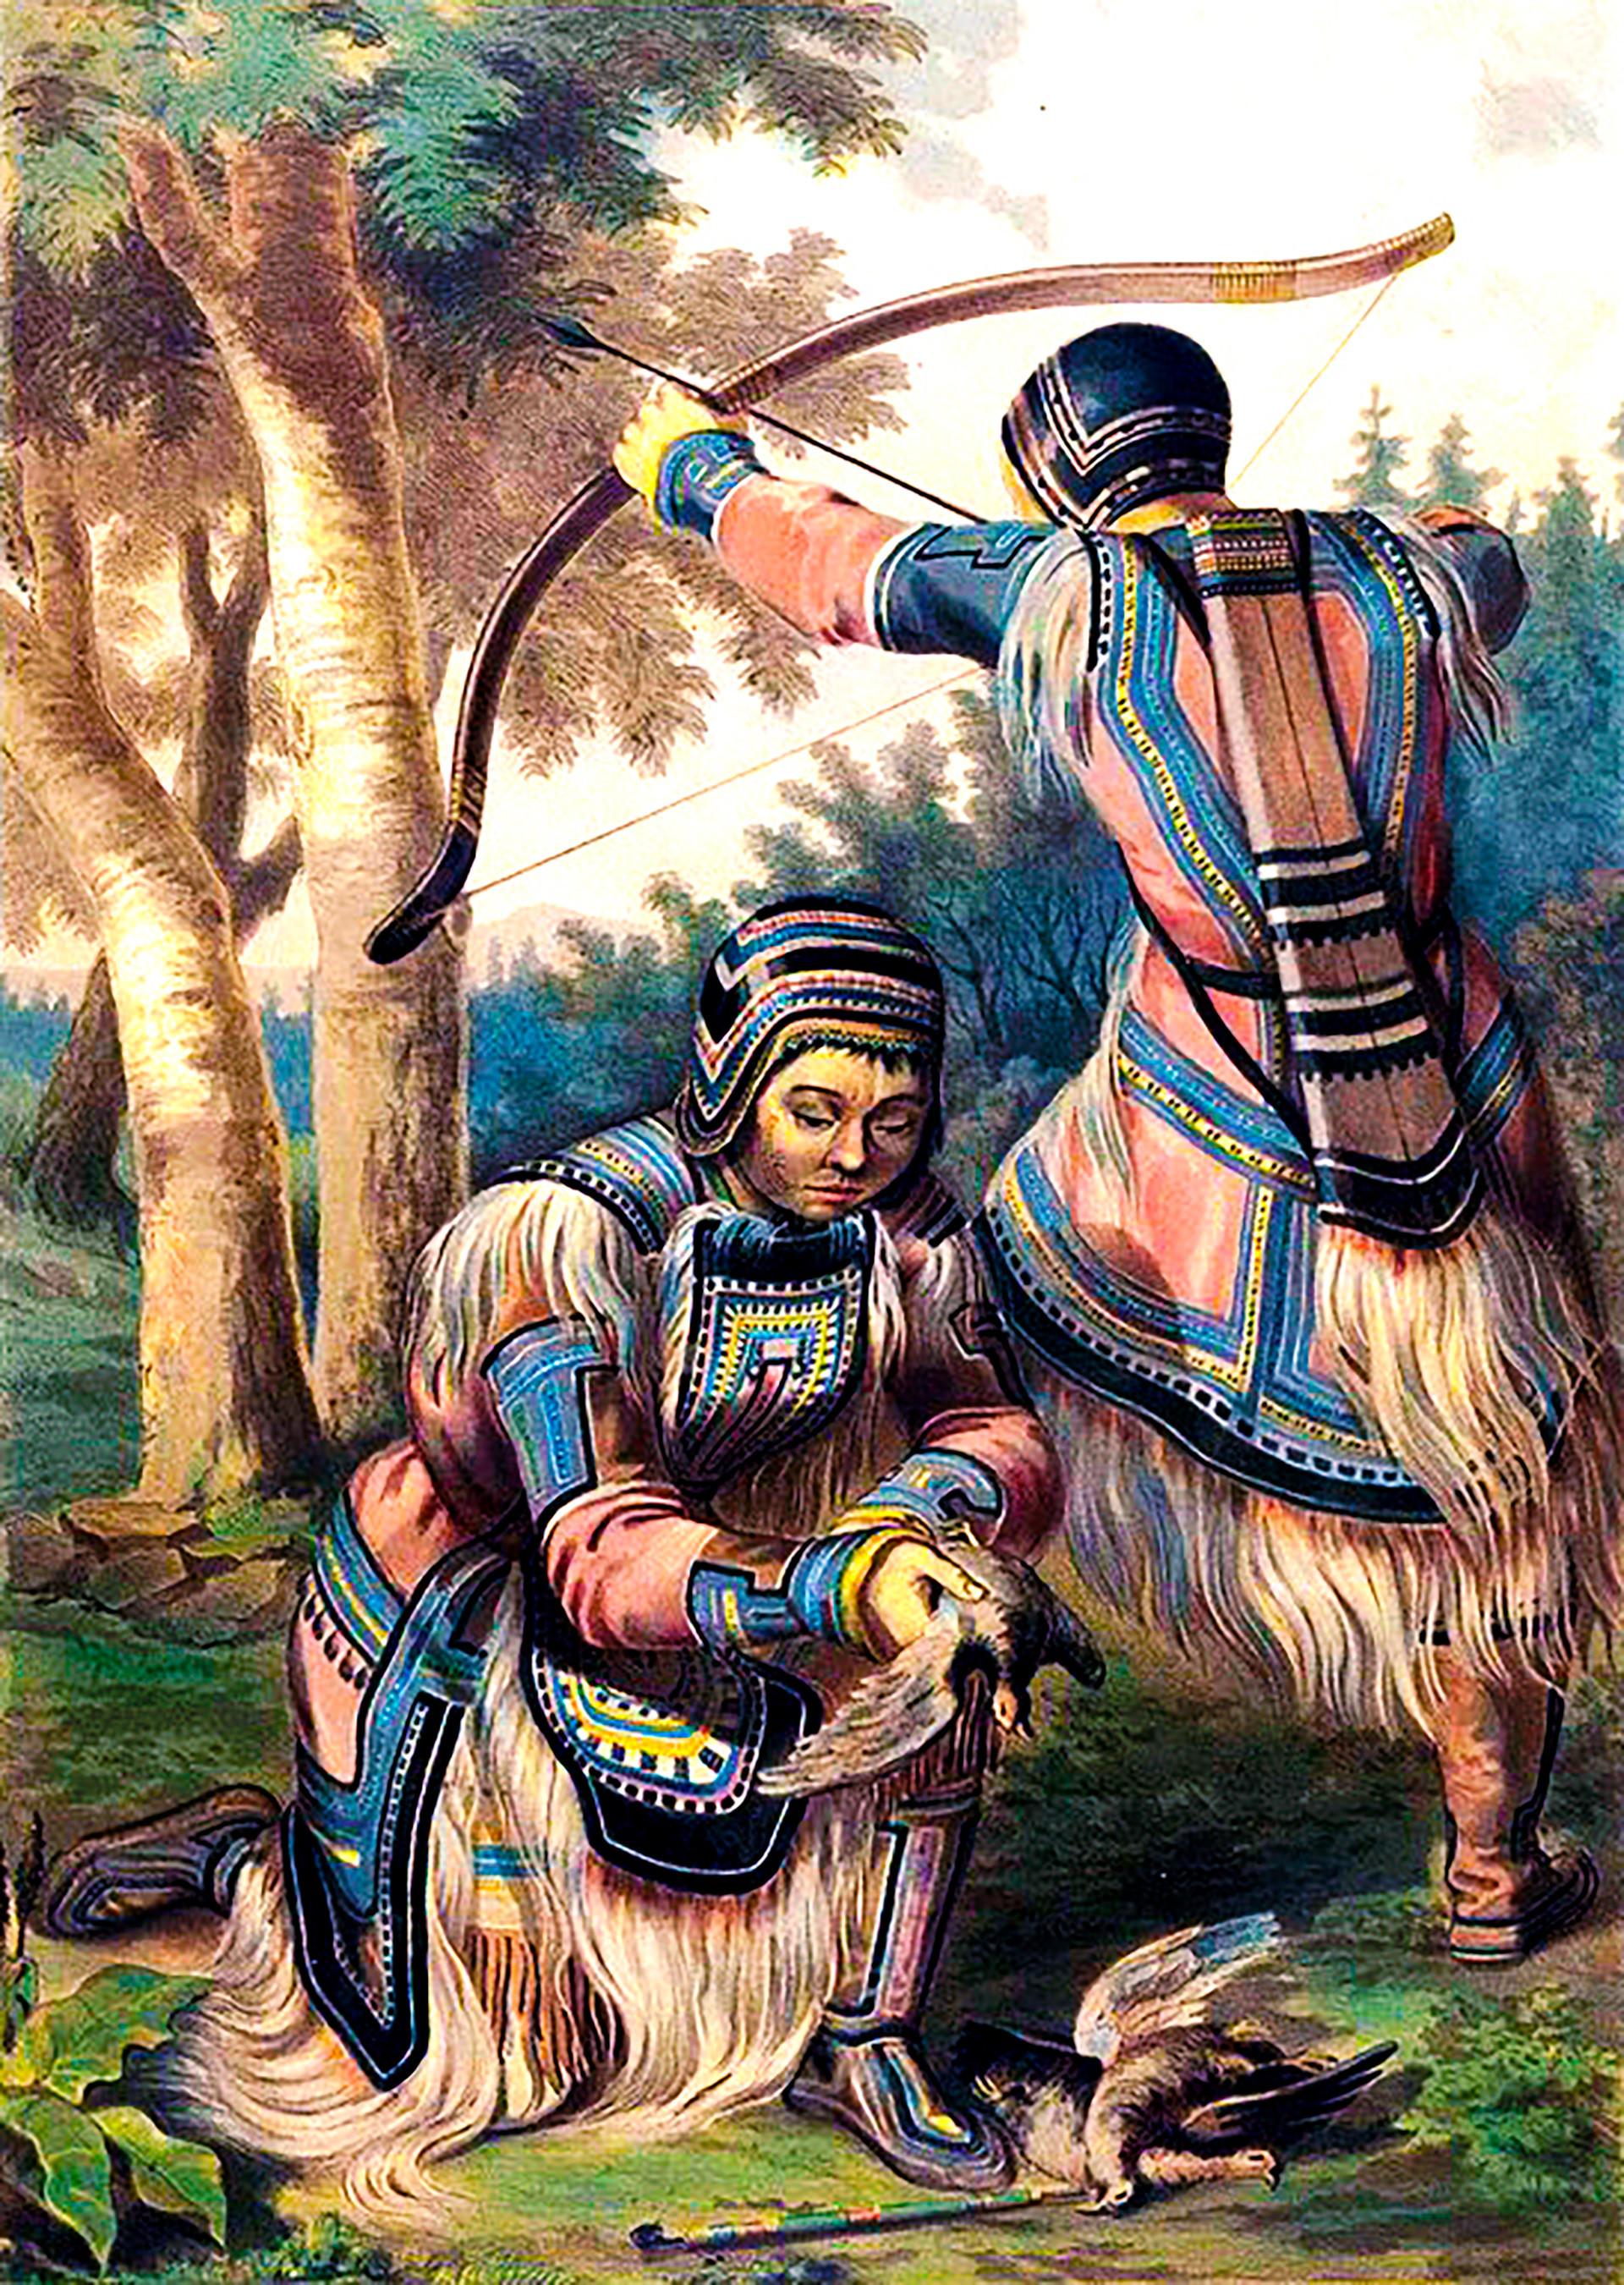 Evenki, antiguamente denominados tungús, son un pueblo indígena originario de la zona norte de Siberia en Rusia.